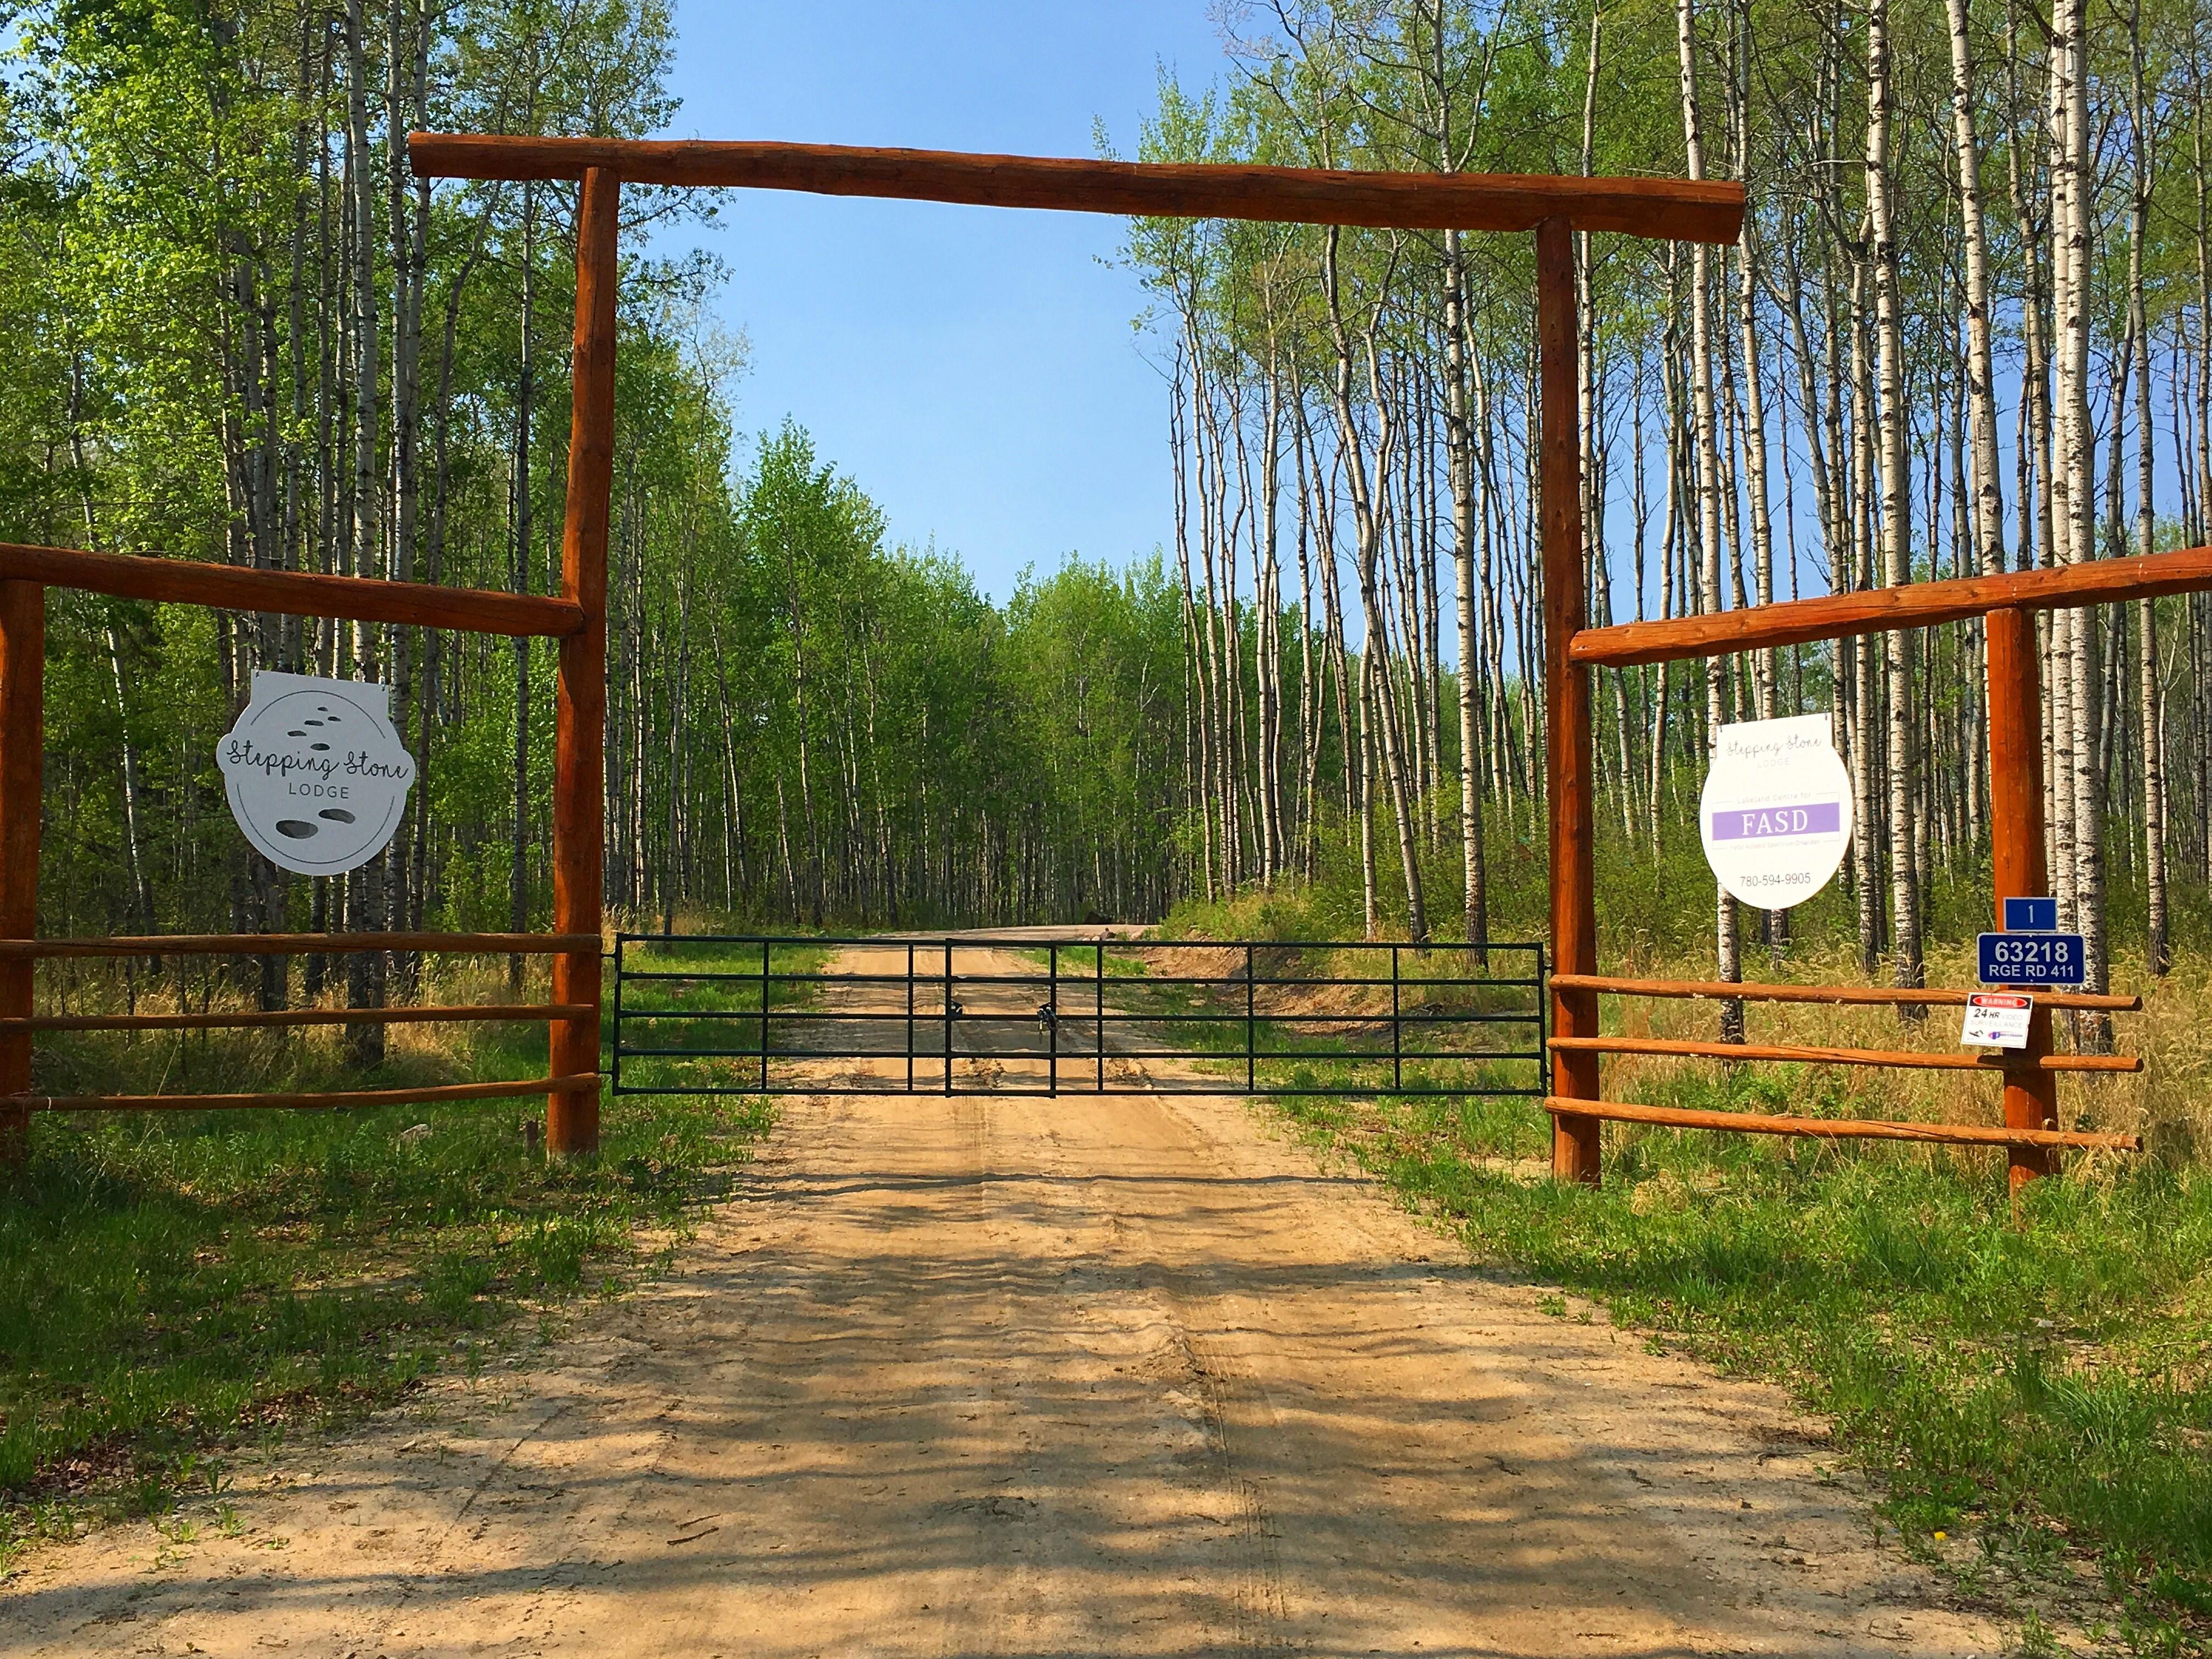 LCFASD Camp Gate